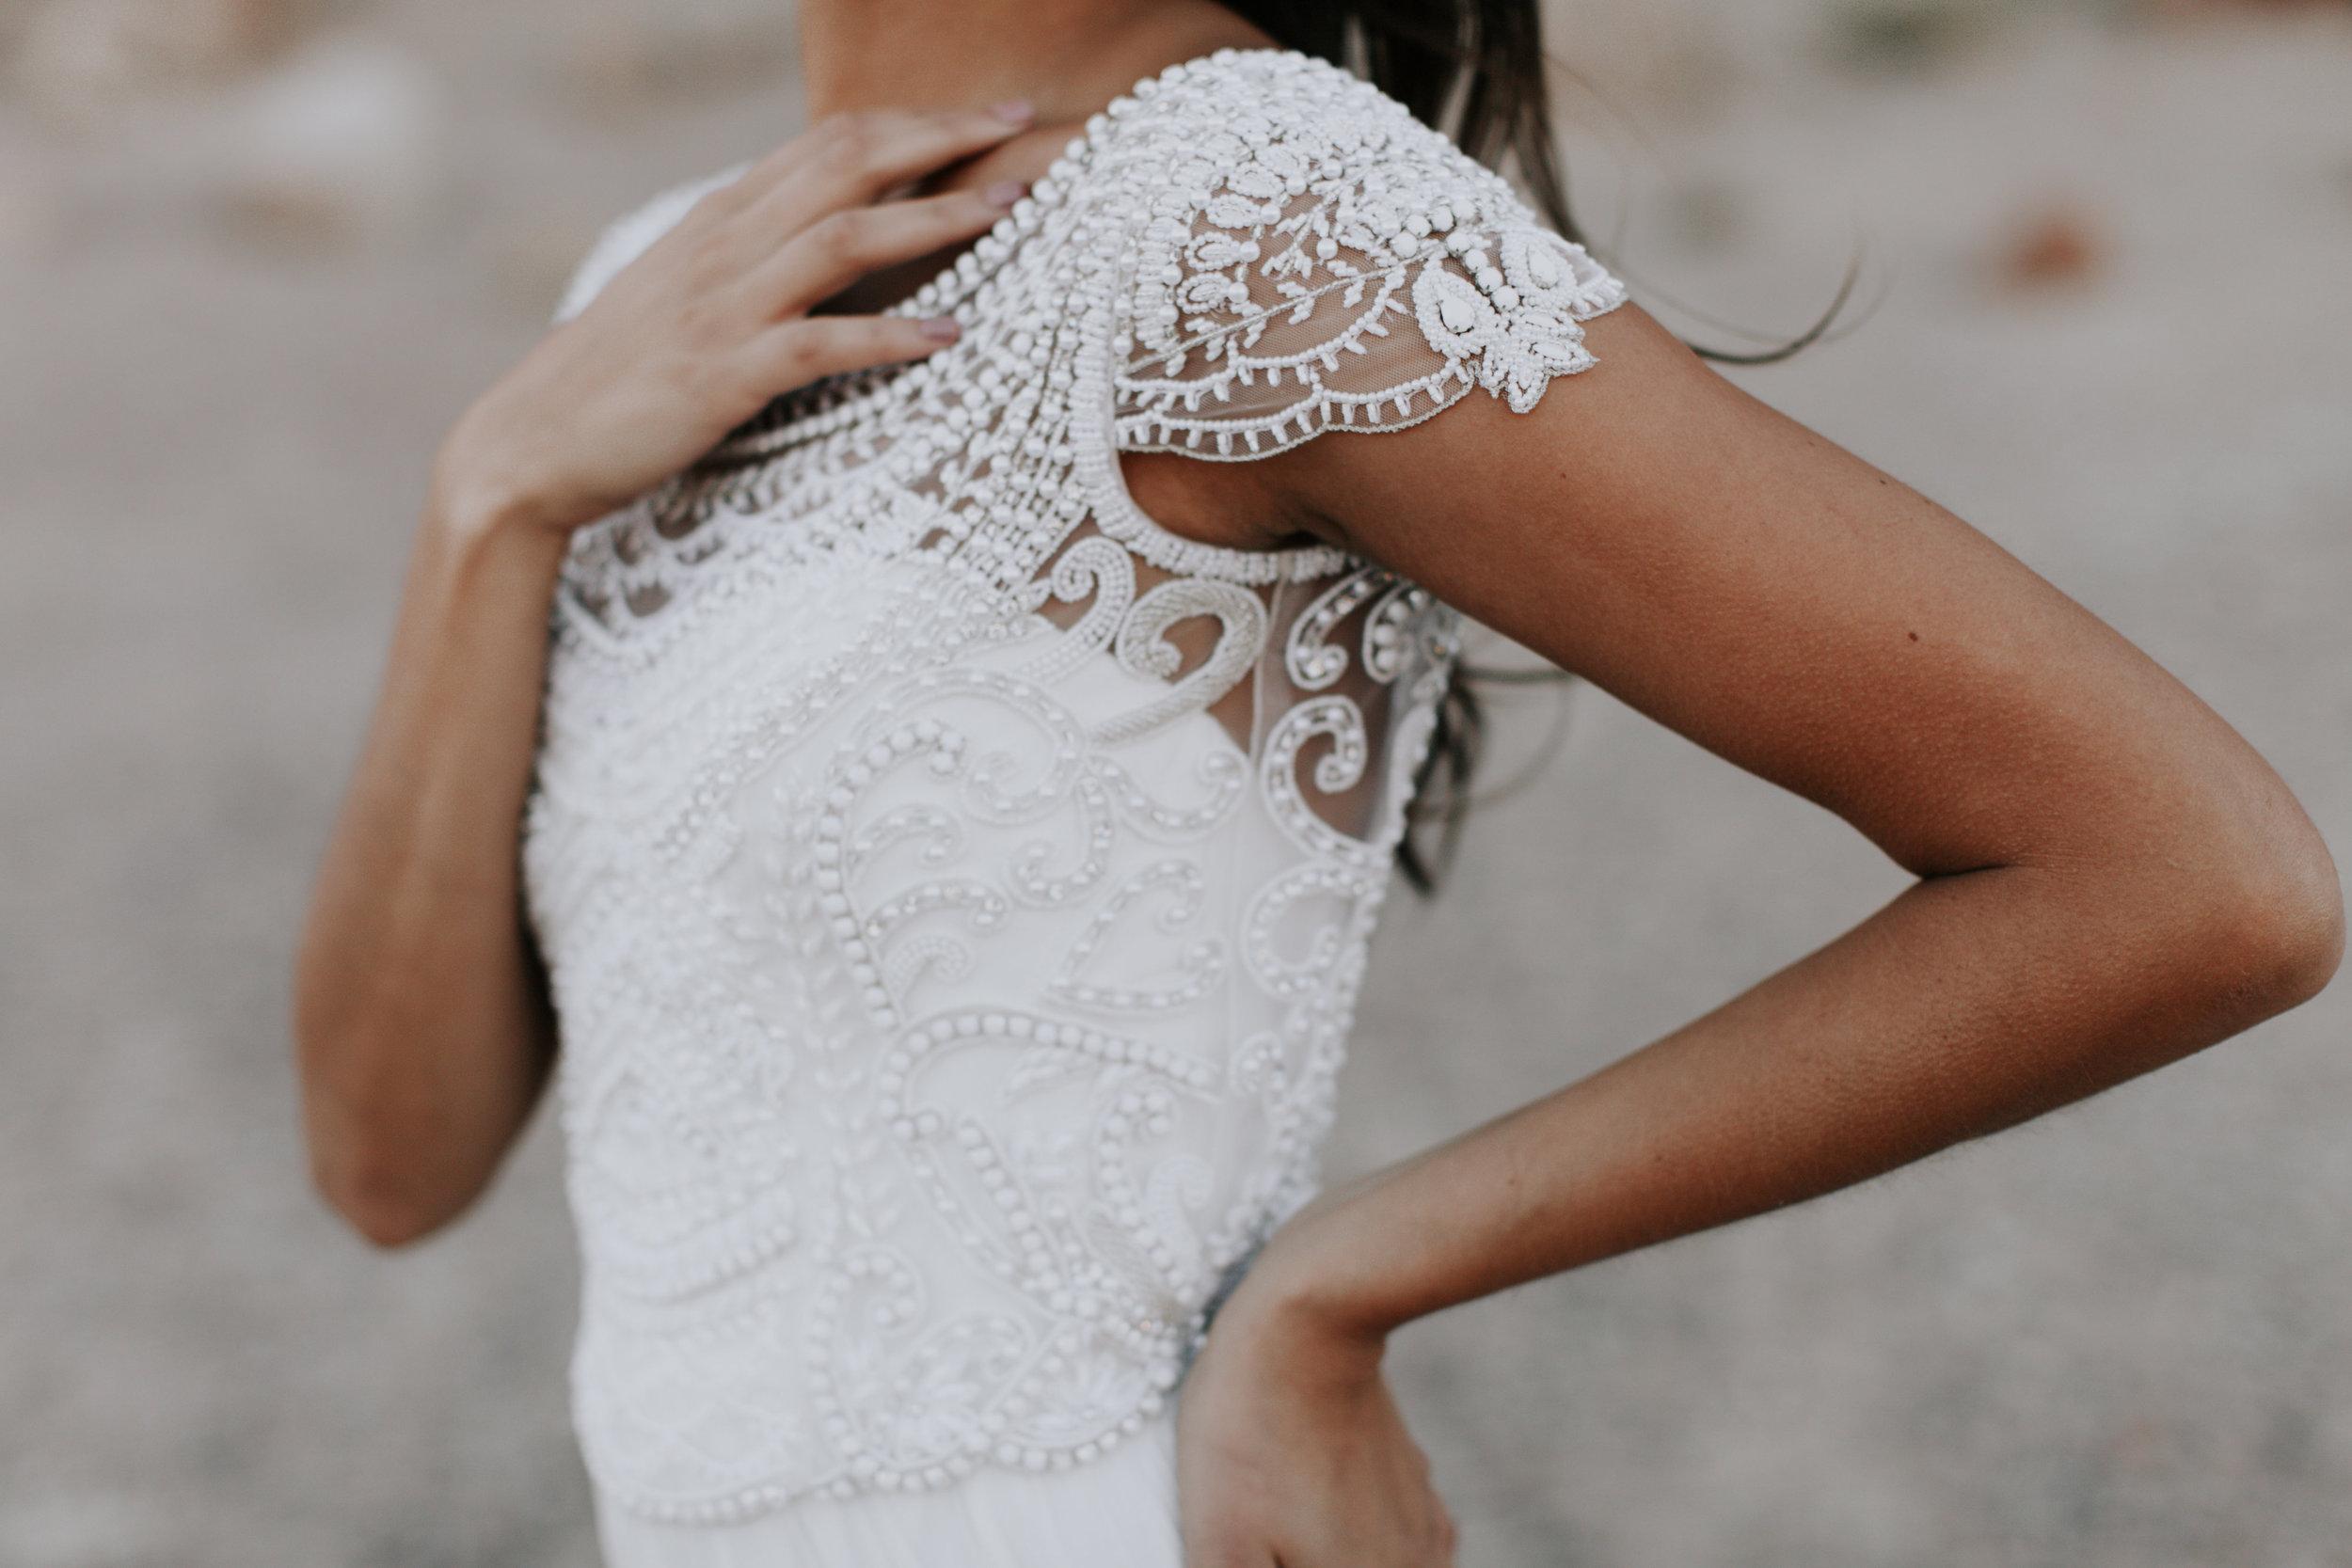 Anna Campbell Florence Dress | Vintage Inspired Boat Neck Embellished Wedding Dress